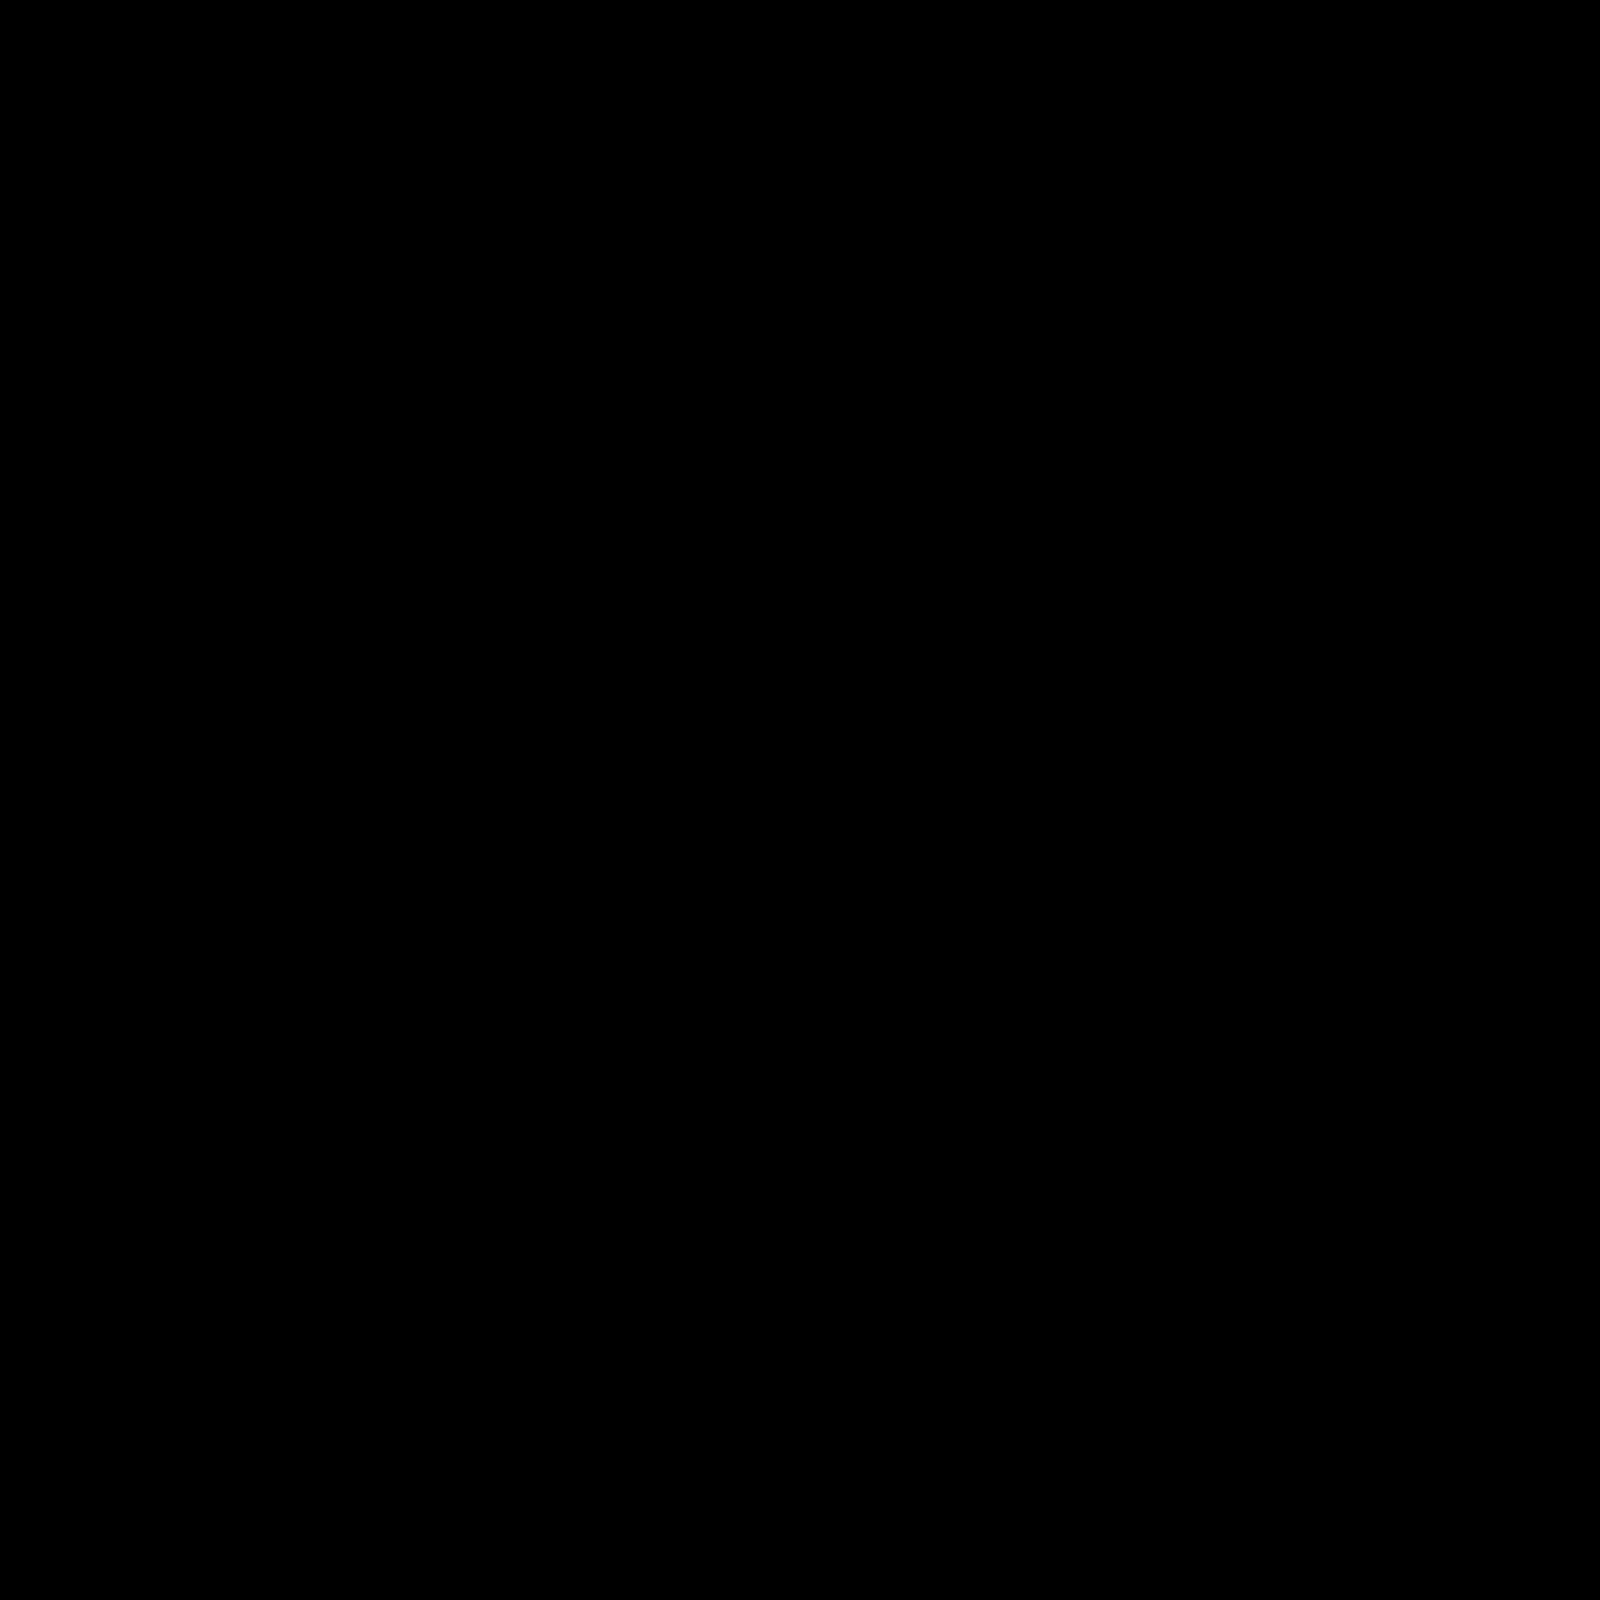 Прикрепить панель к верху окна icon